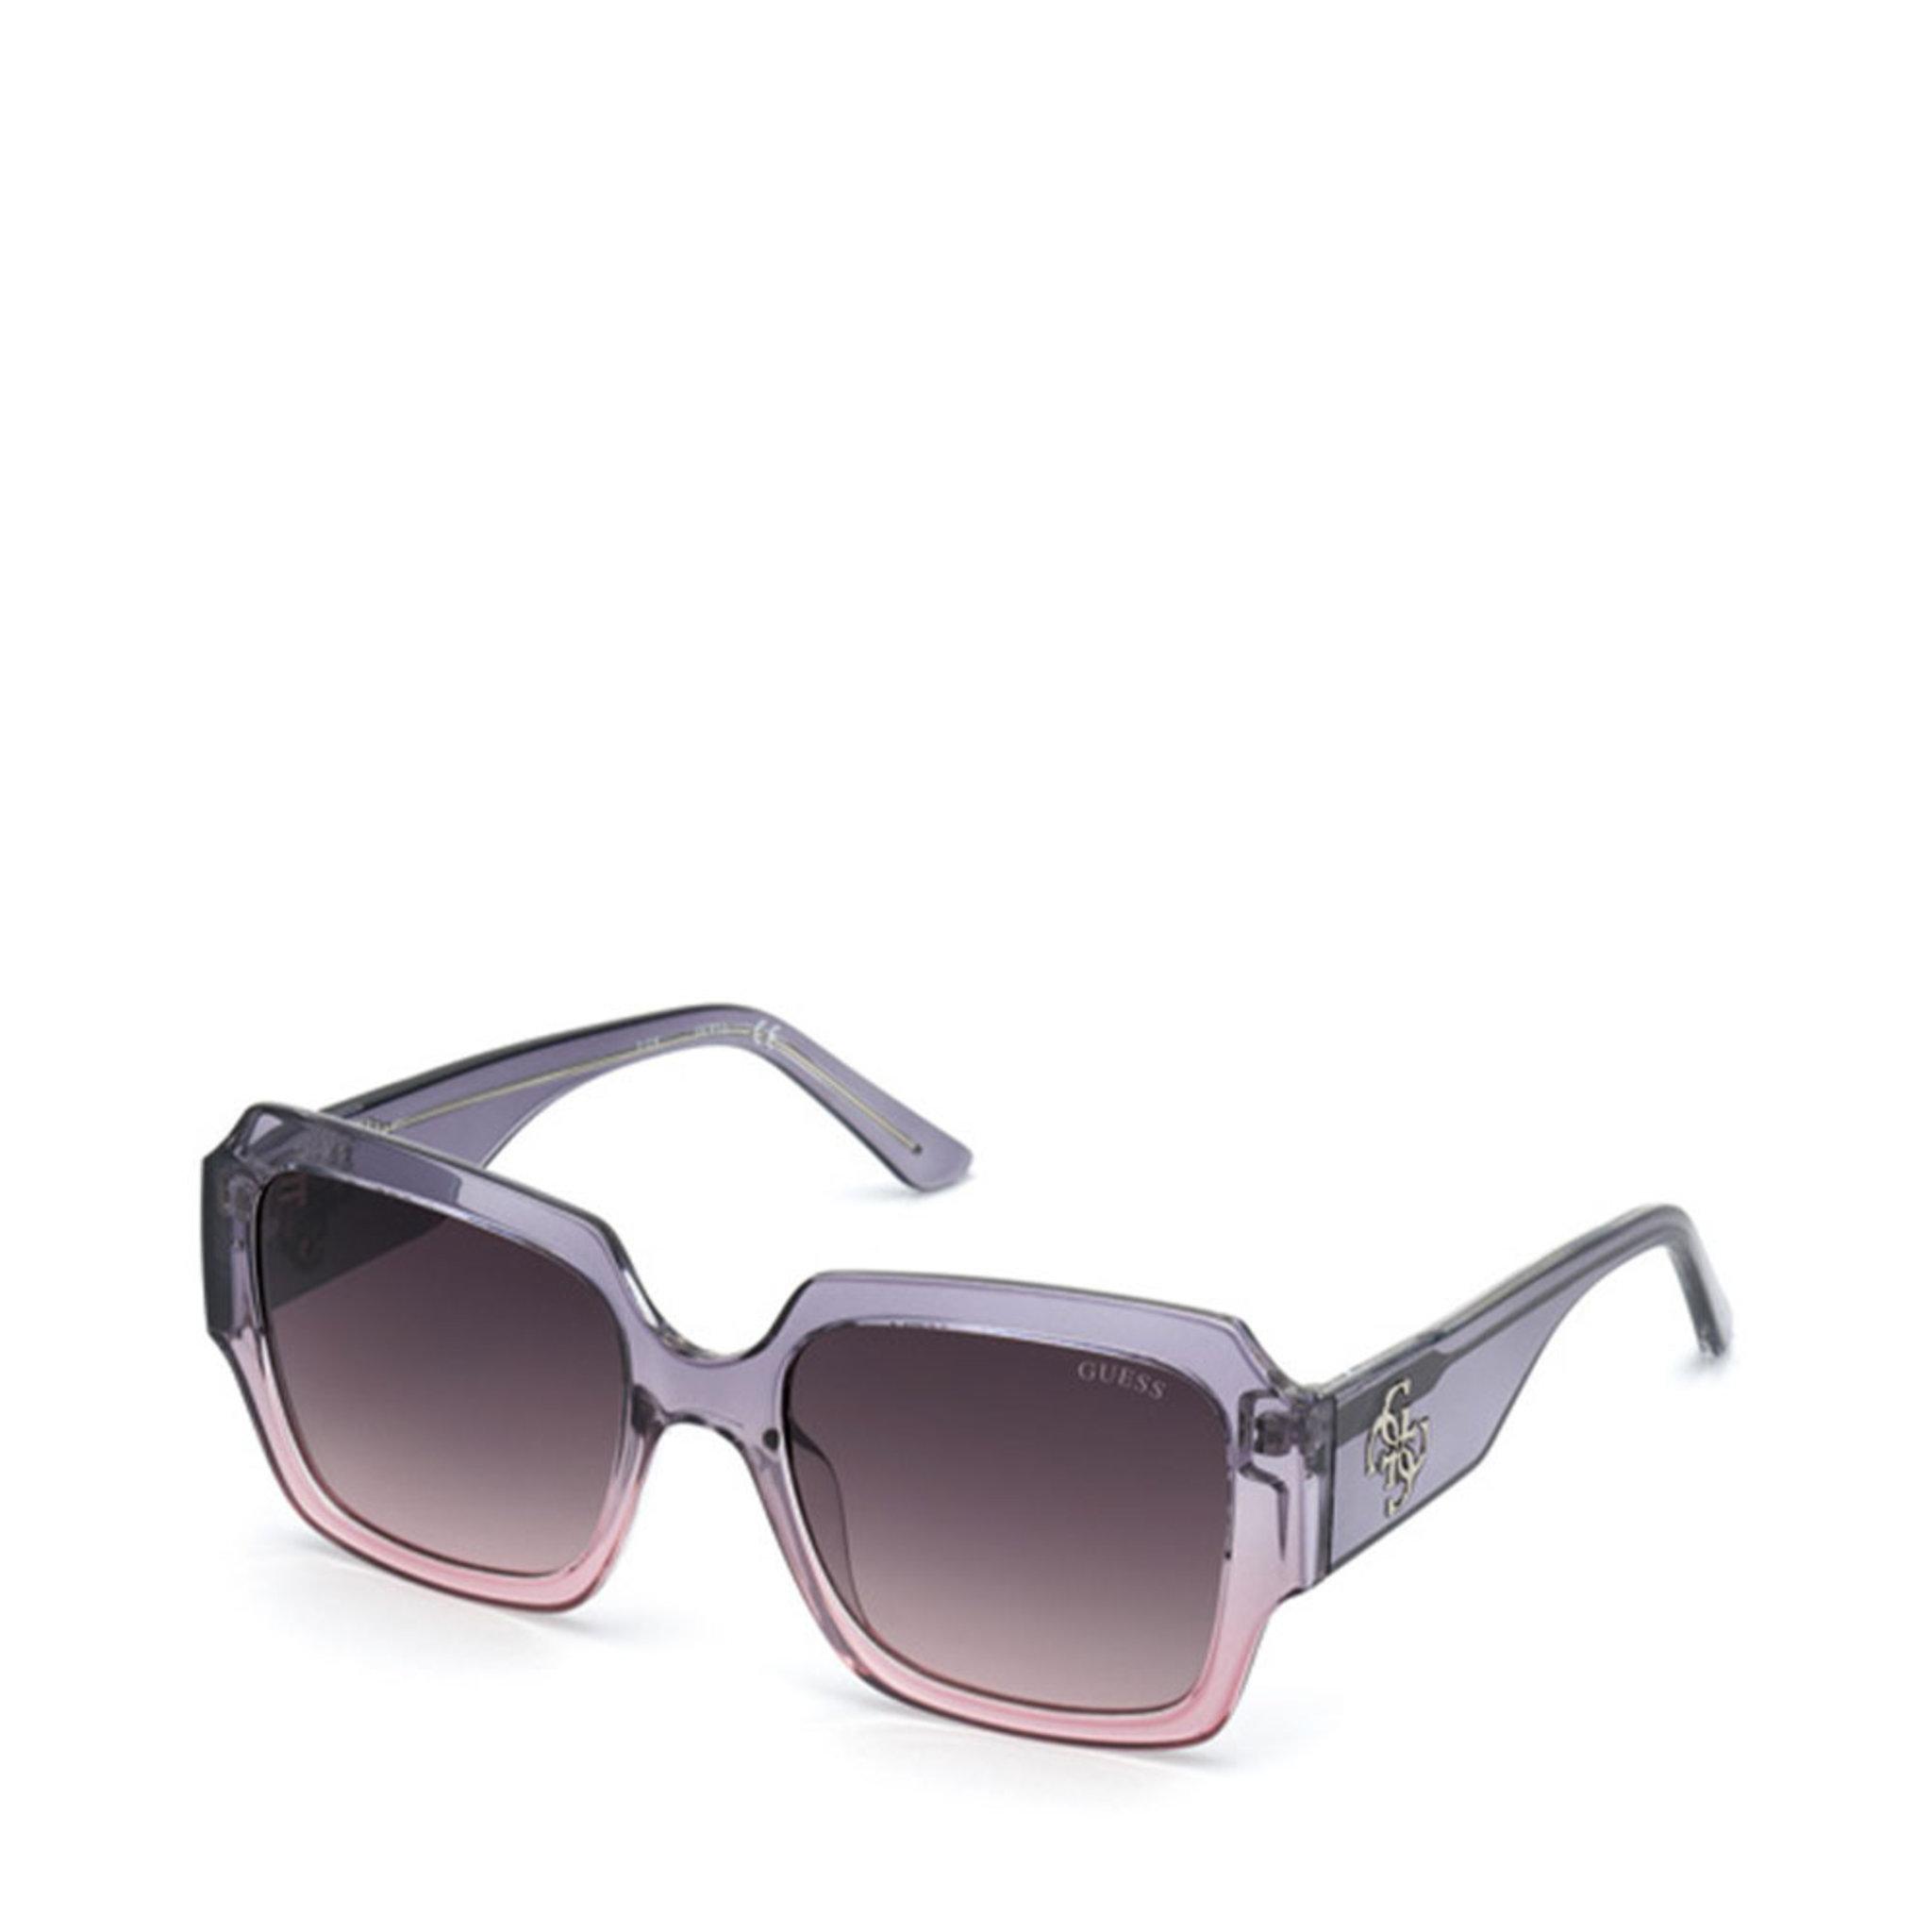 Sunglasses GU7681